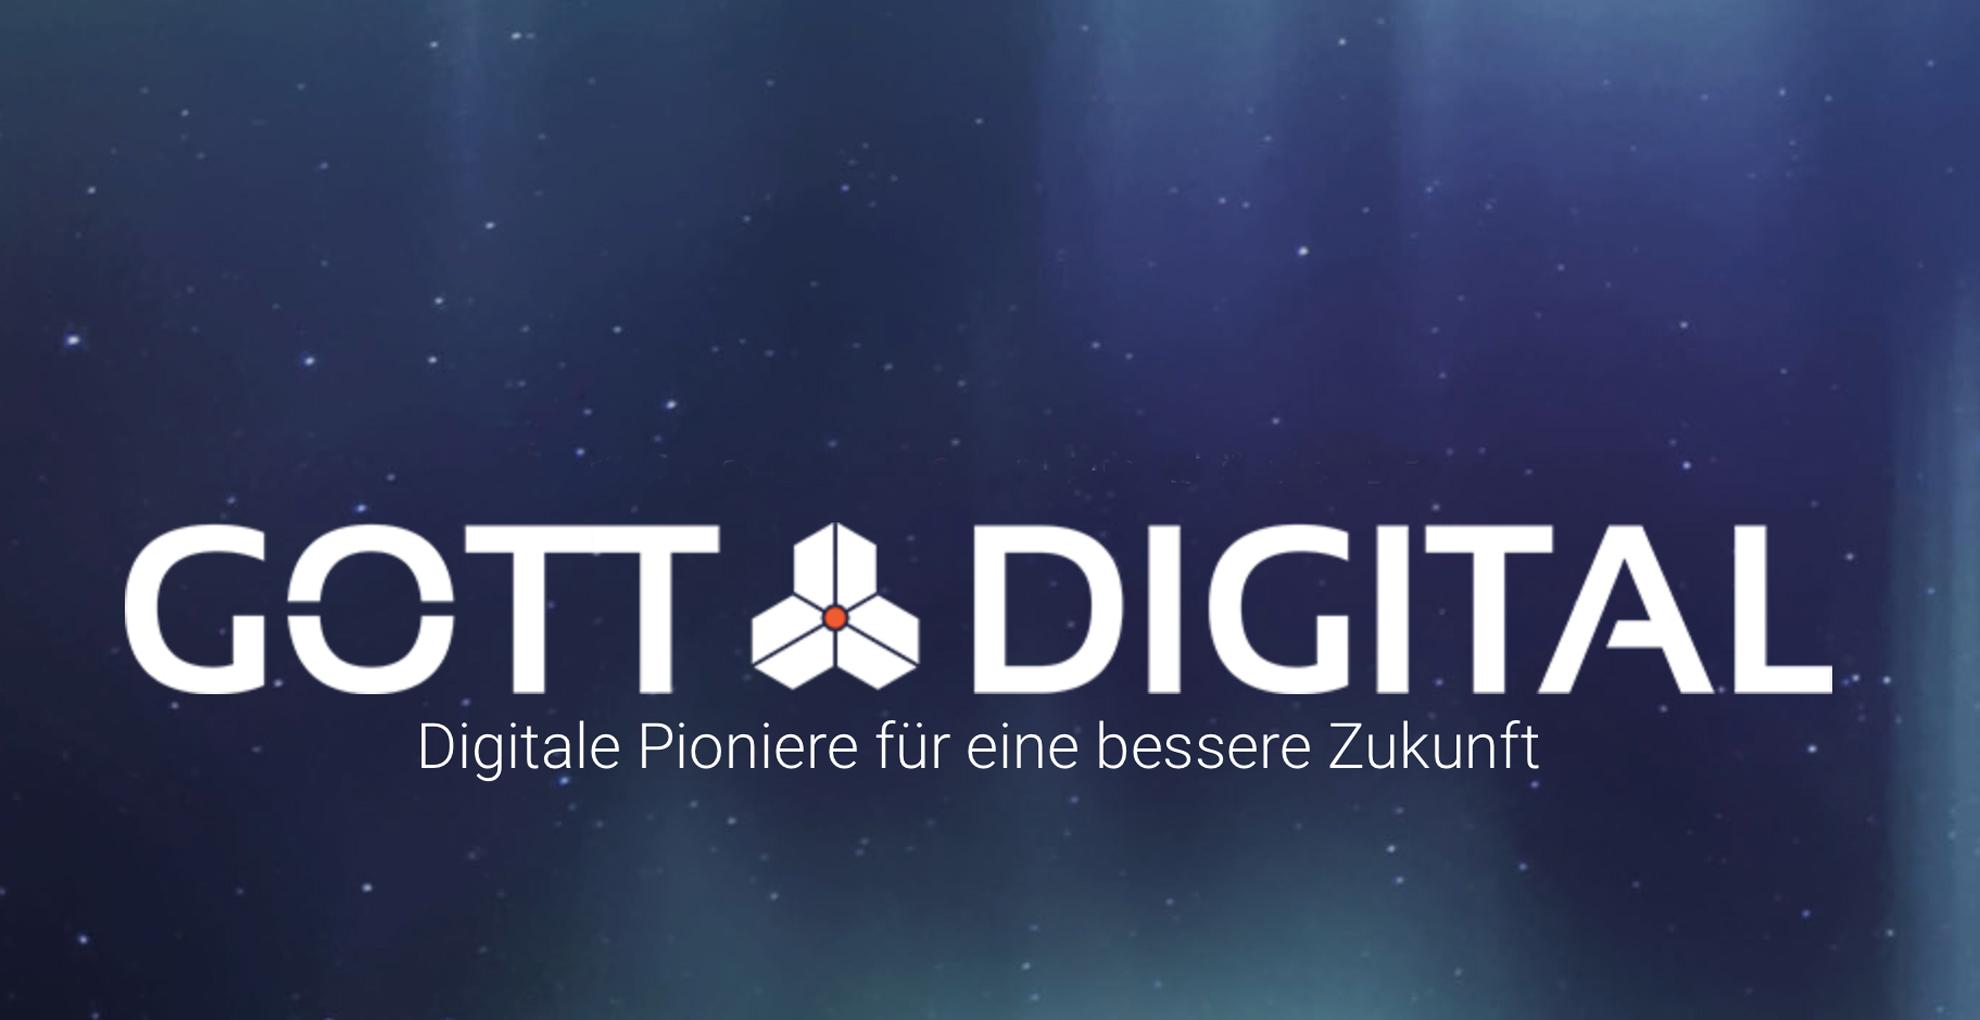 Das Netzwerk Gott@Digital hat sich zum Ziel gesetzt, digitale Projekte mit christlichem Fokus im deutschsprachigen Raum bekannt zu machen, zu initiieren und zu fördern.